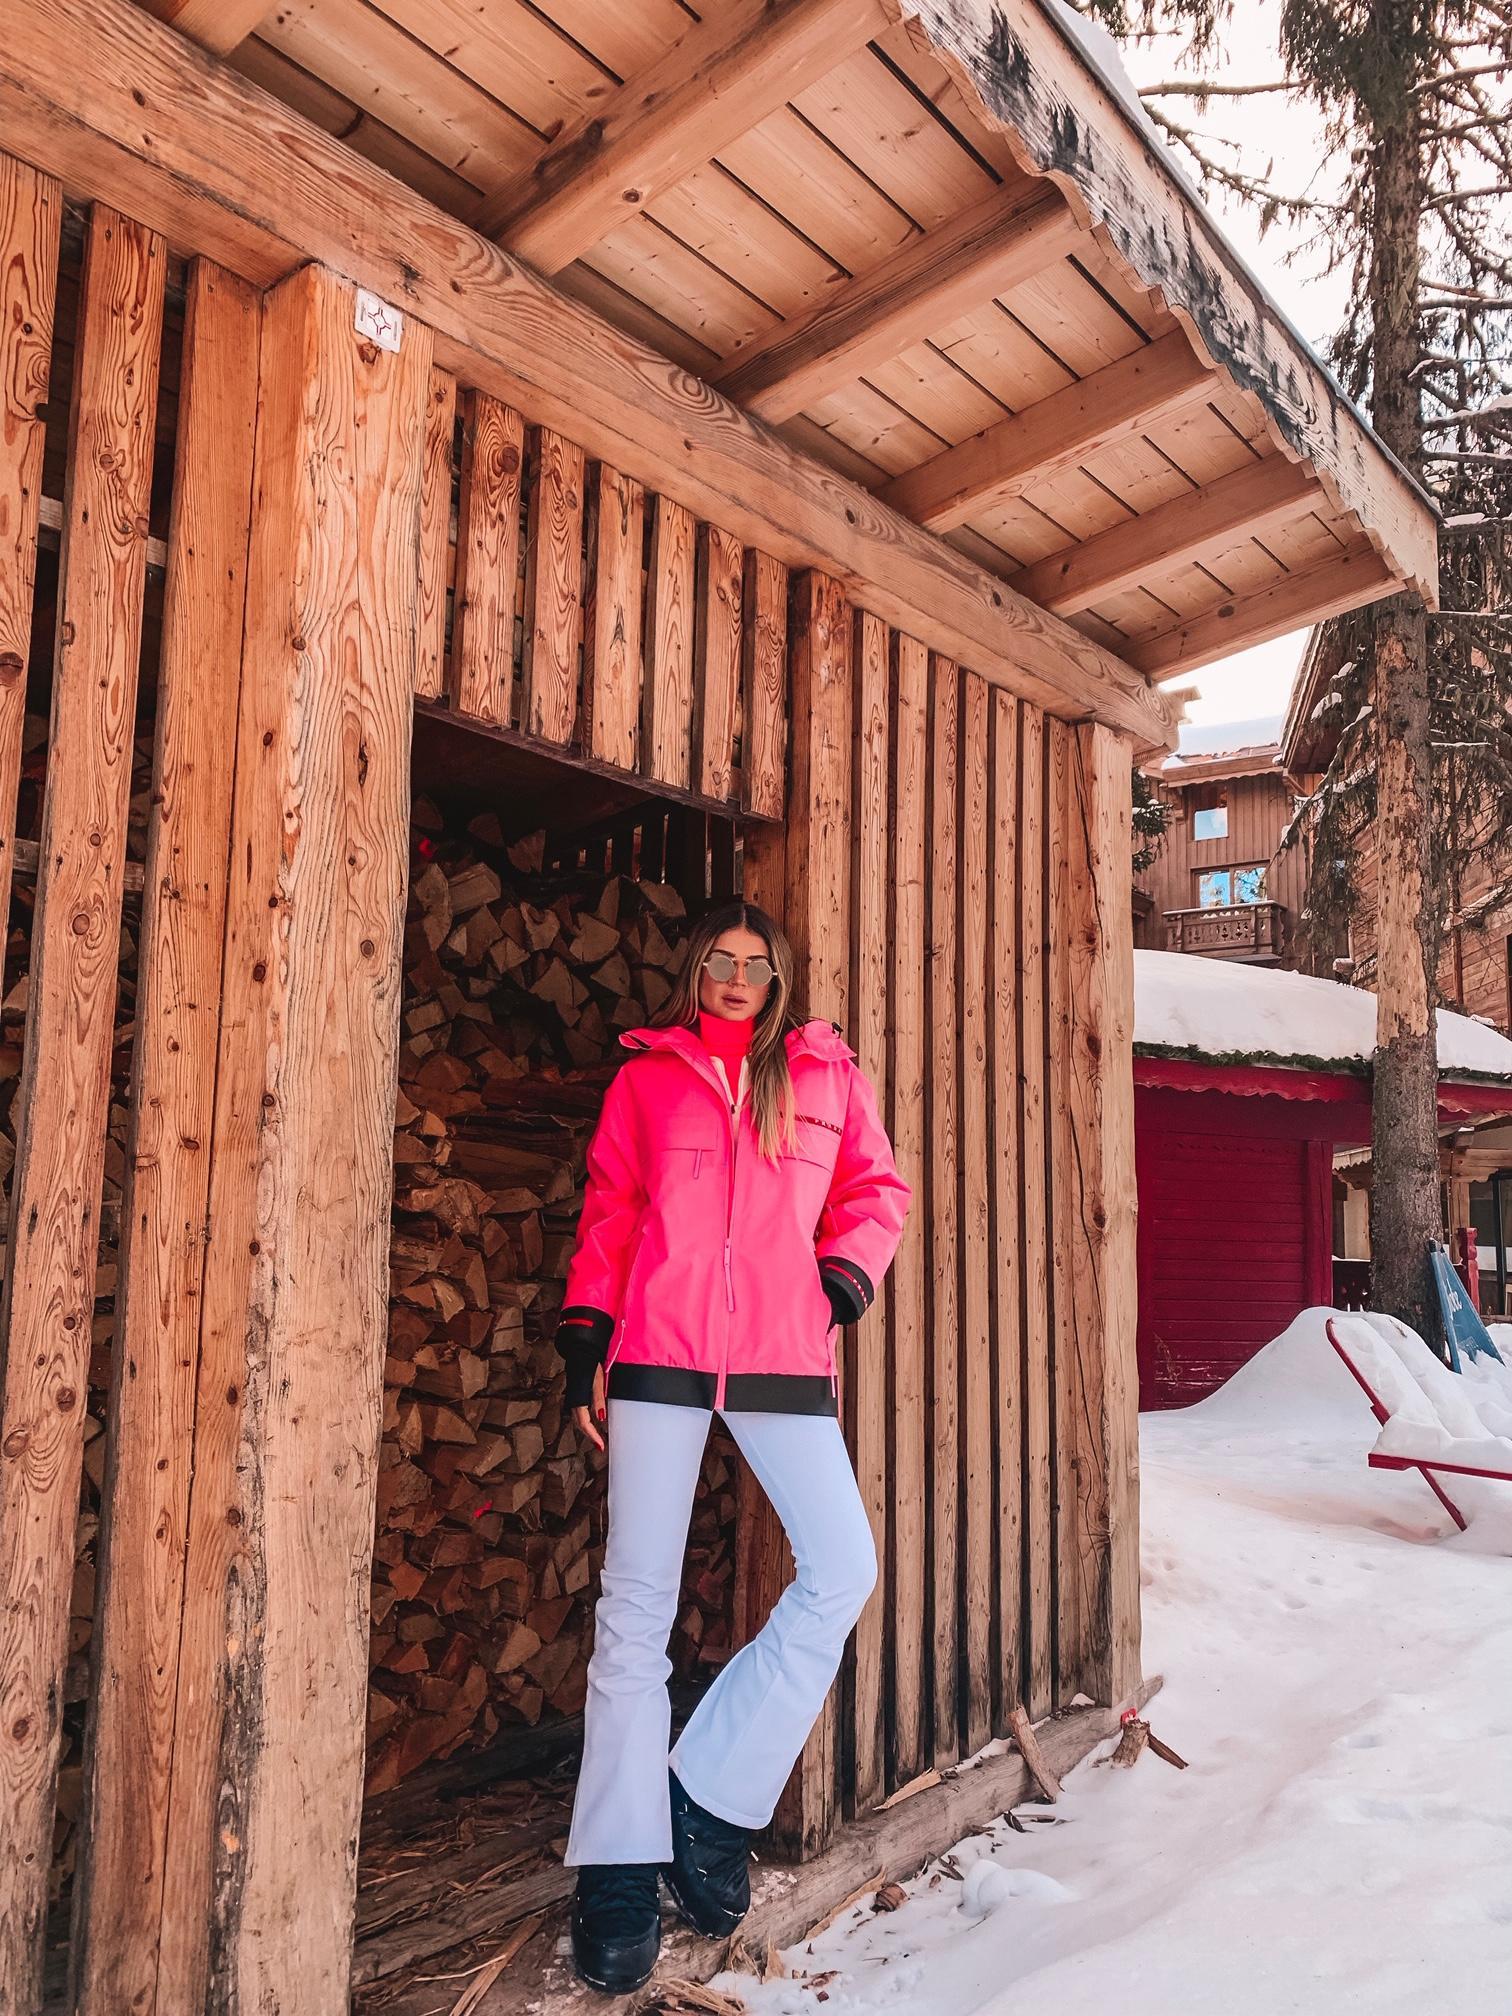 Thássia ski courchevel rosa neon